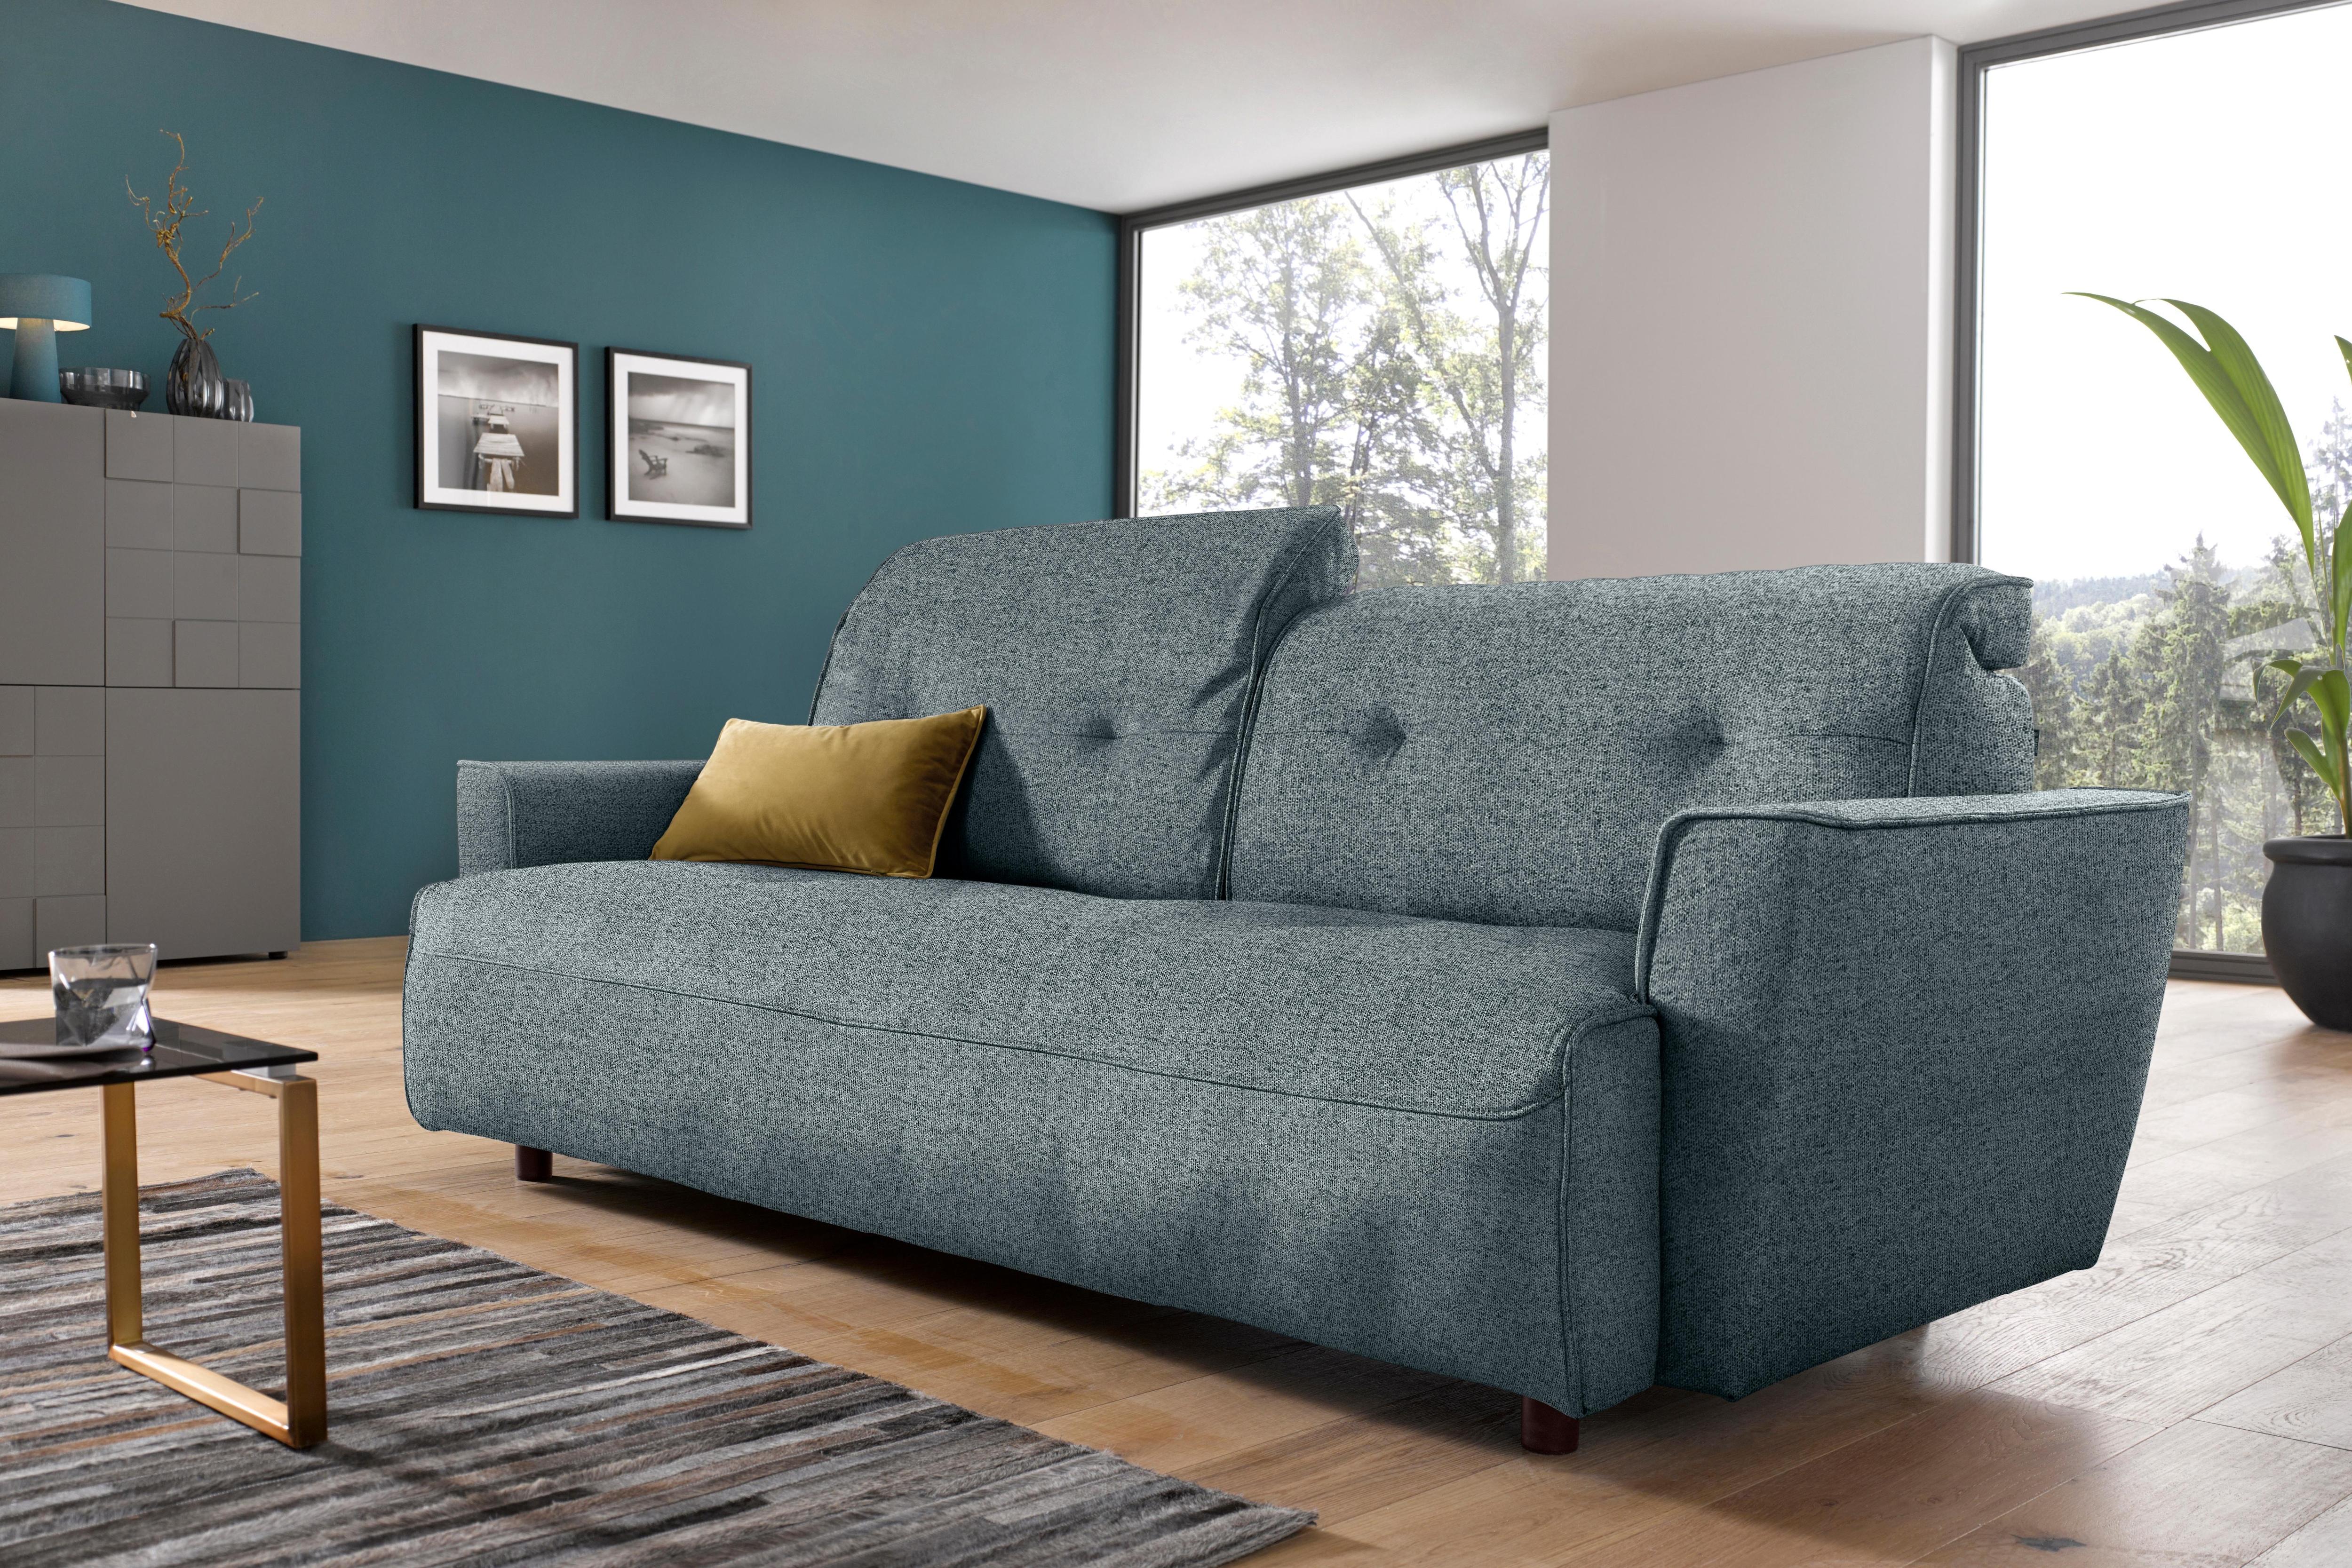 hülsta sofa 35-Sitzer hs400